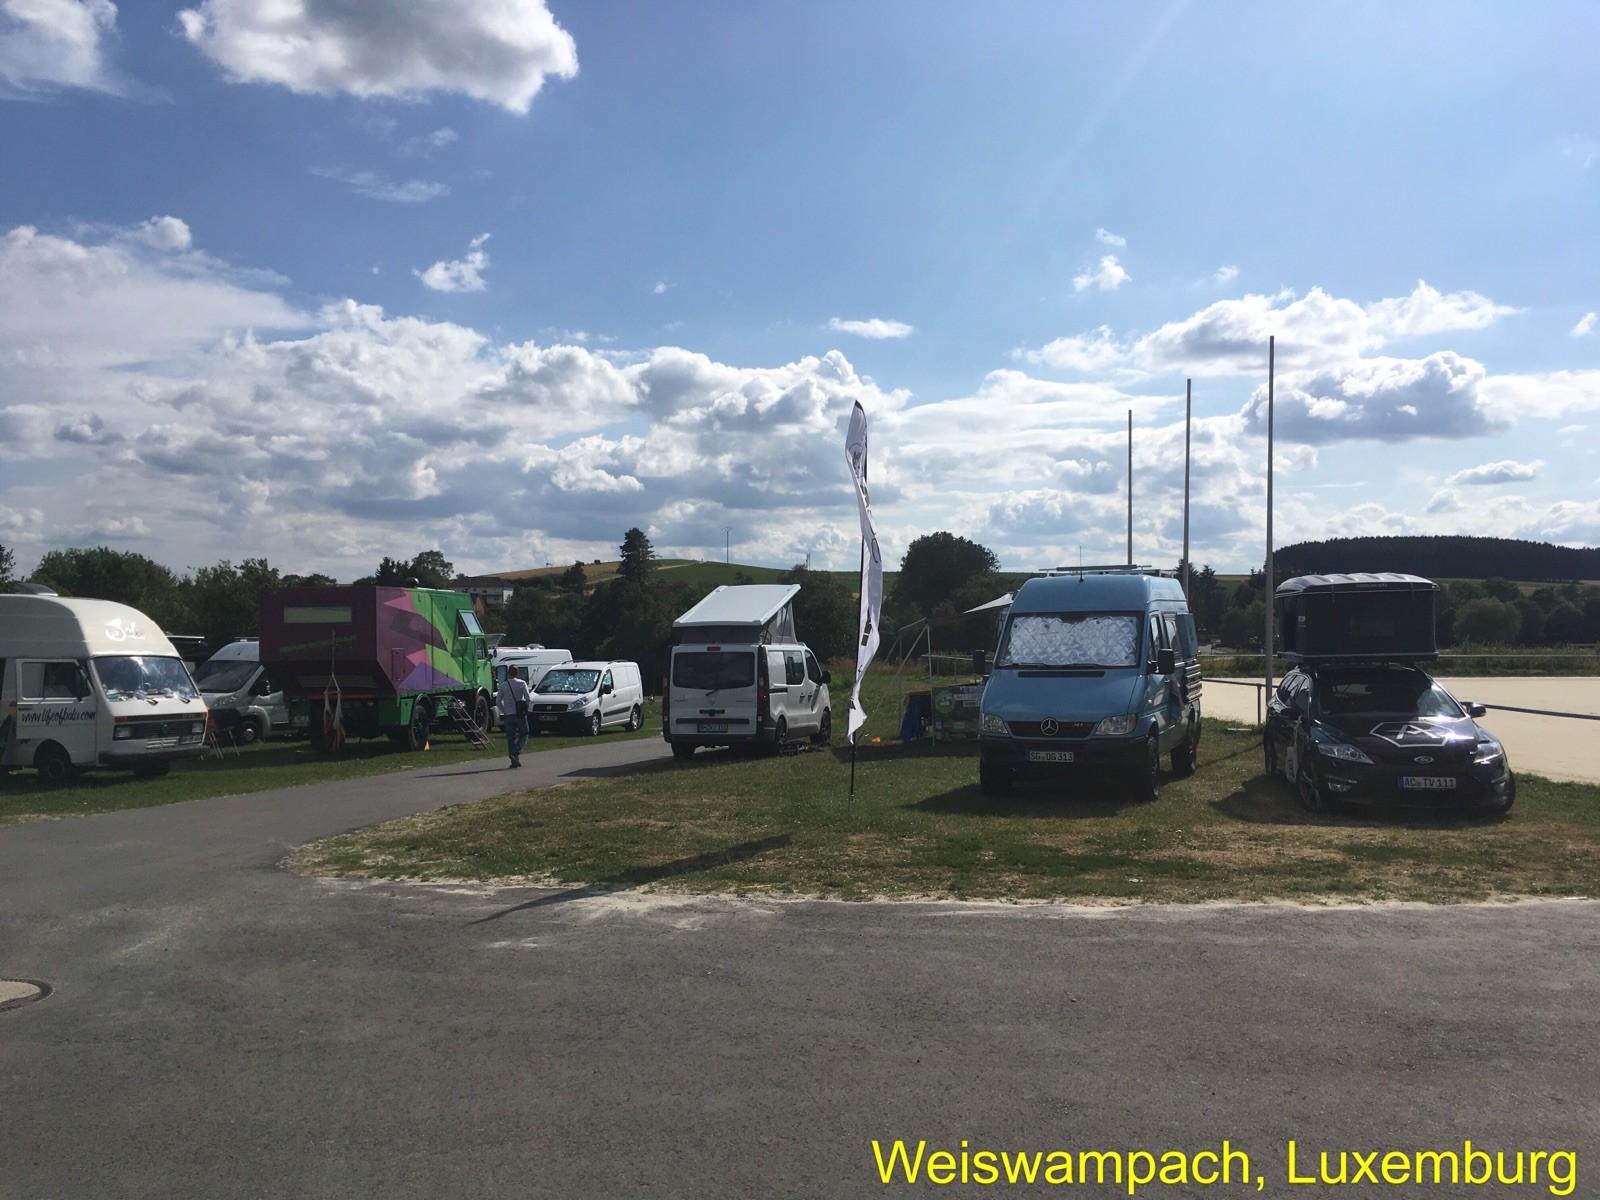 Freiheitsmobile-Treffen in Luxemburg